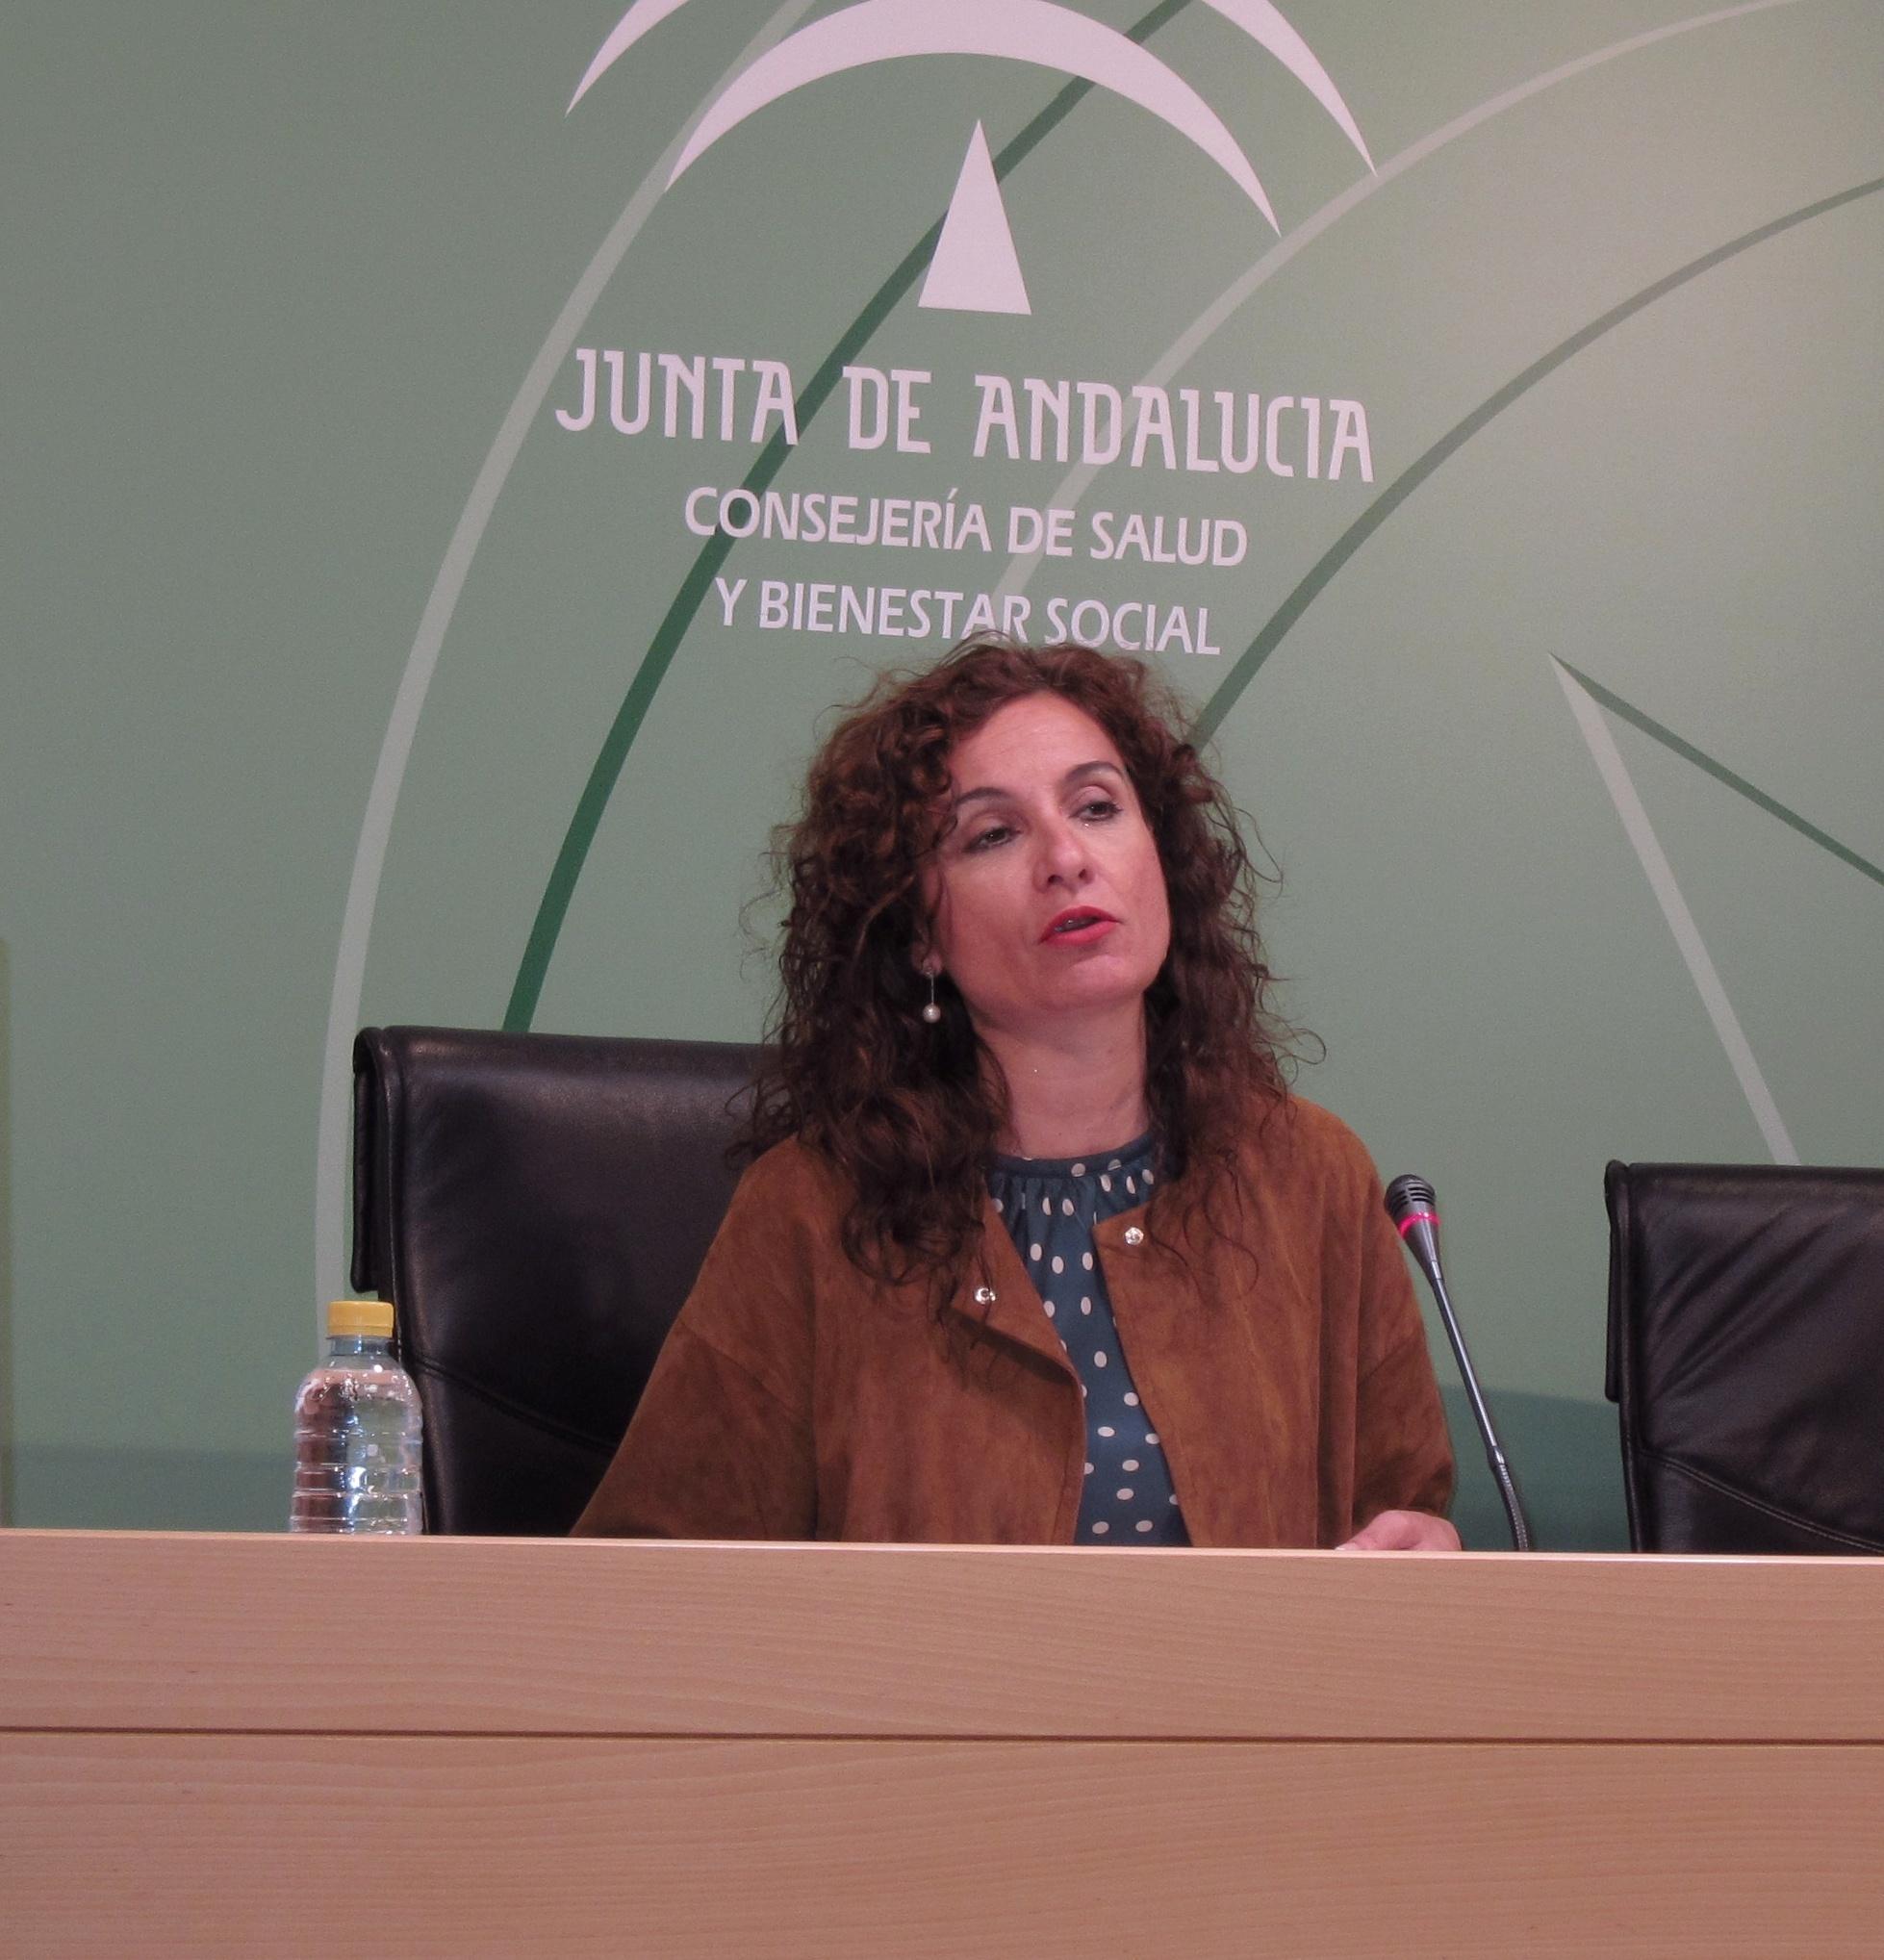 Andalucía asegura que «no excluirá» a ninguna persona que ya se encuentre en lista de espera de reproducción asistida